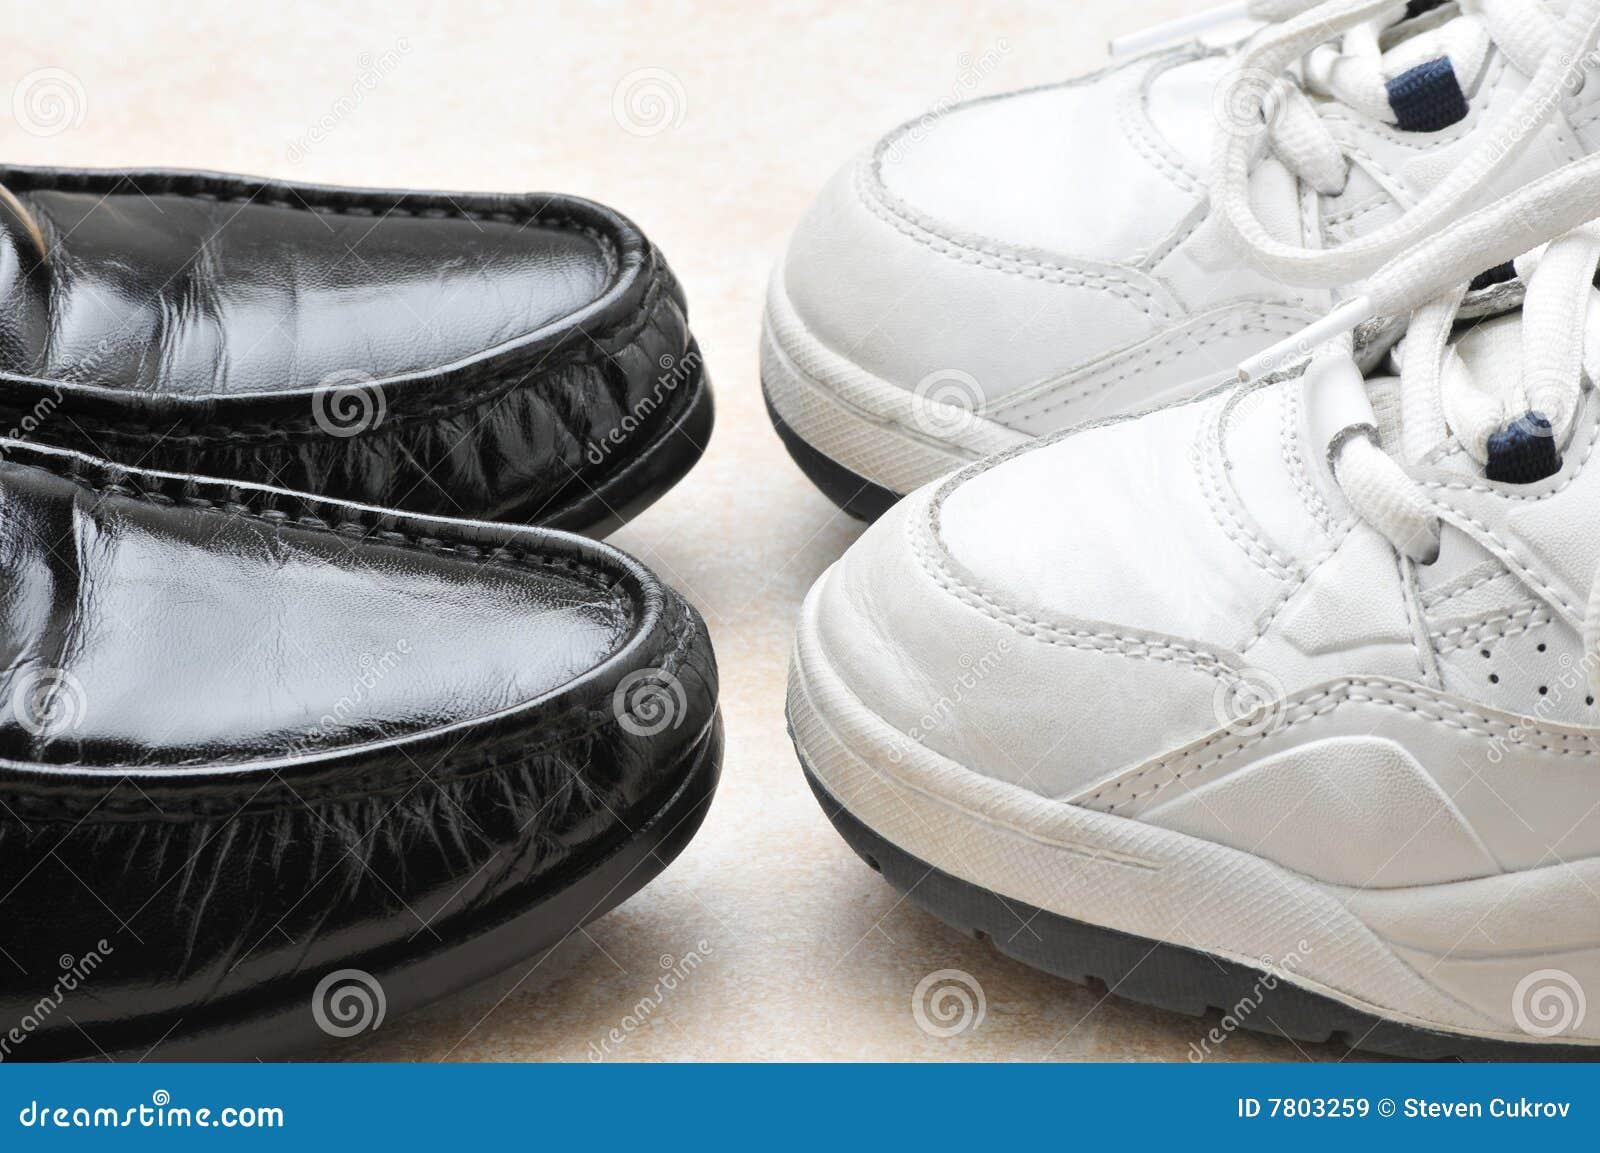 Schuhe Spiele